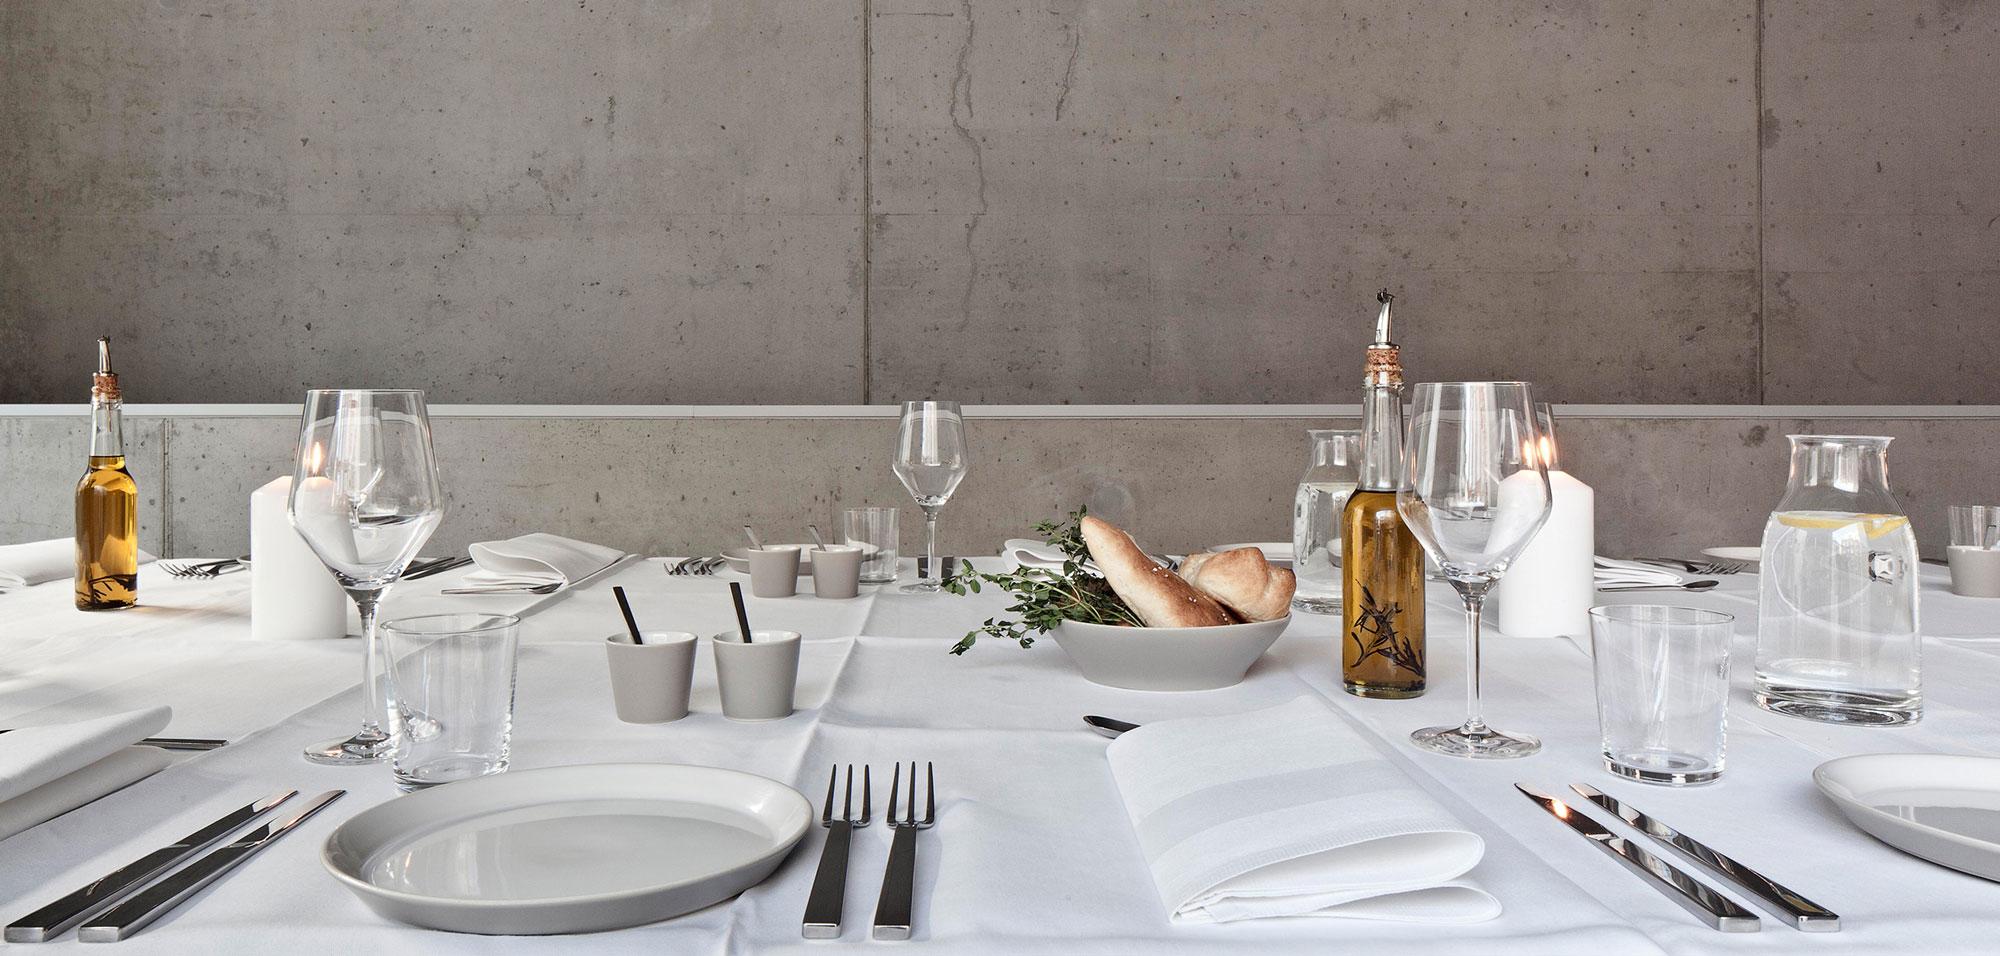 Kantine Gedeckter Tisch